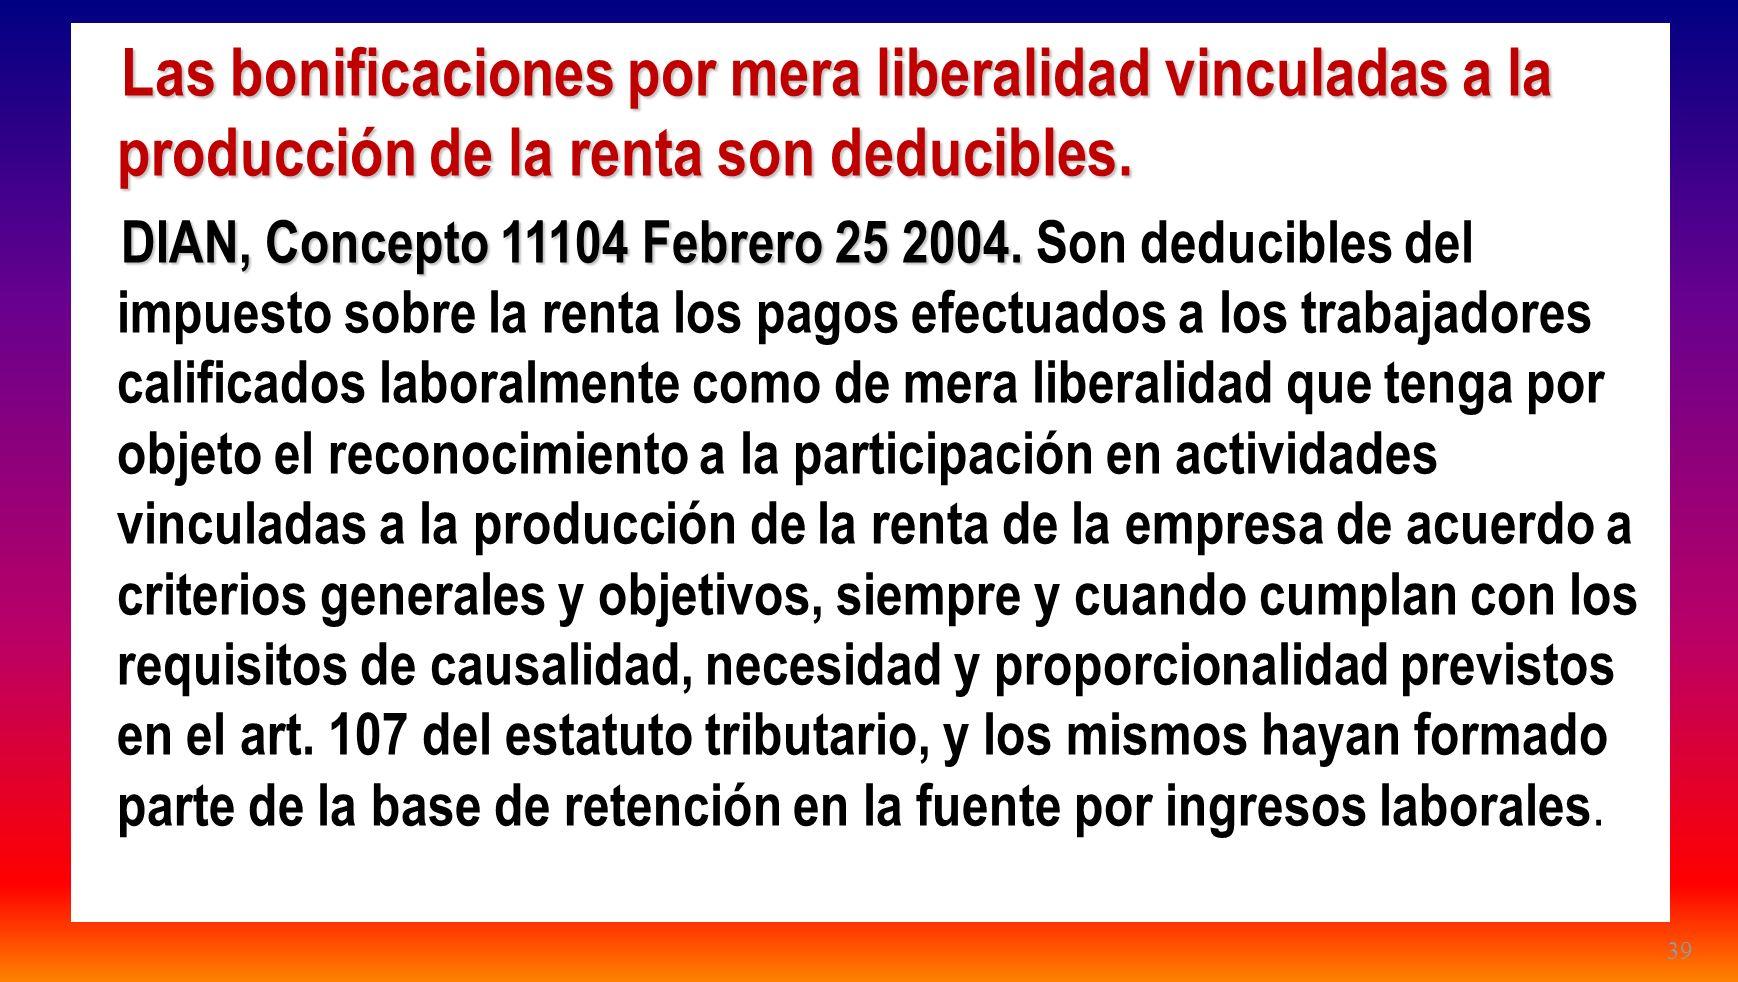 39 Las bonificaciones por mera liberalidad vinculadas a la producción de la renta son deducibles. DIAN, Concepto 11104 Febrero 25 2004. DIAN, Concepto